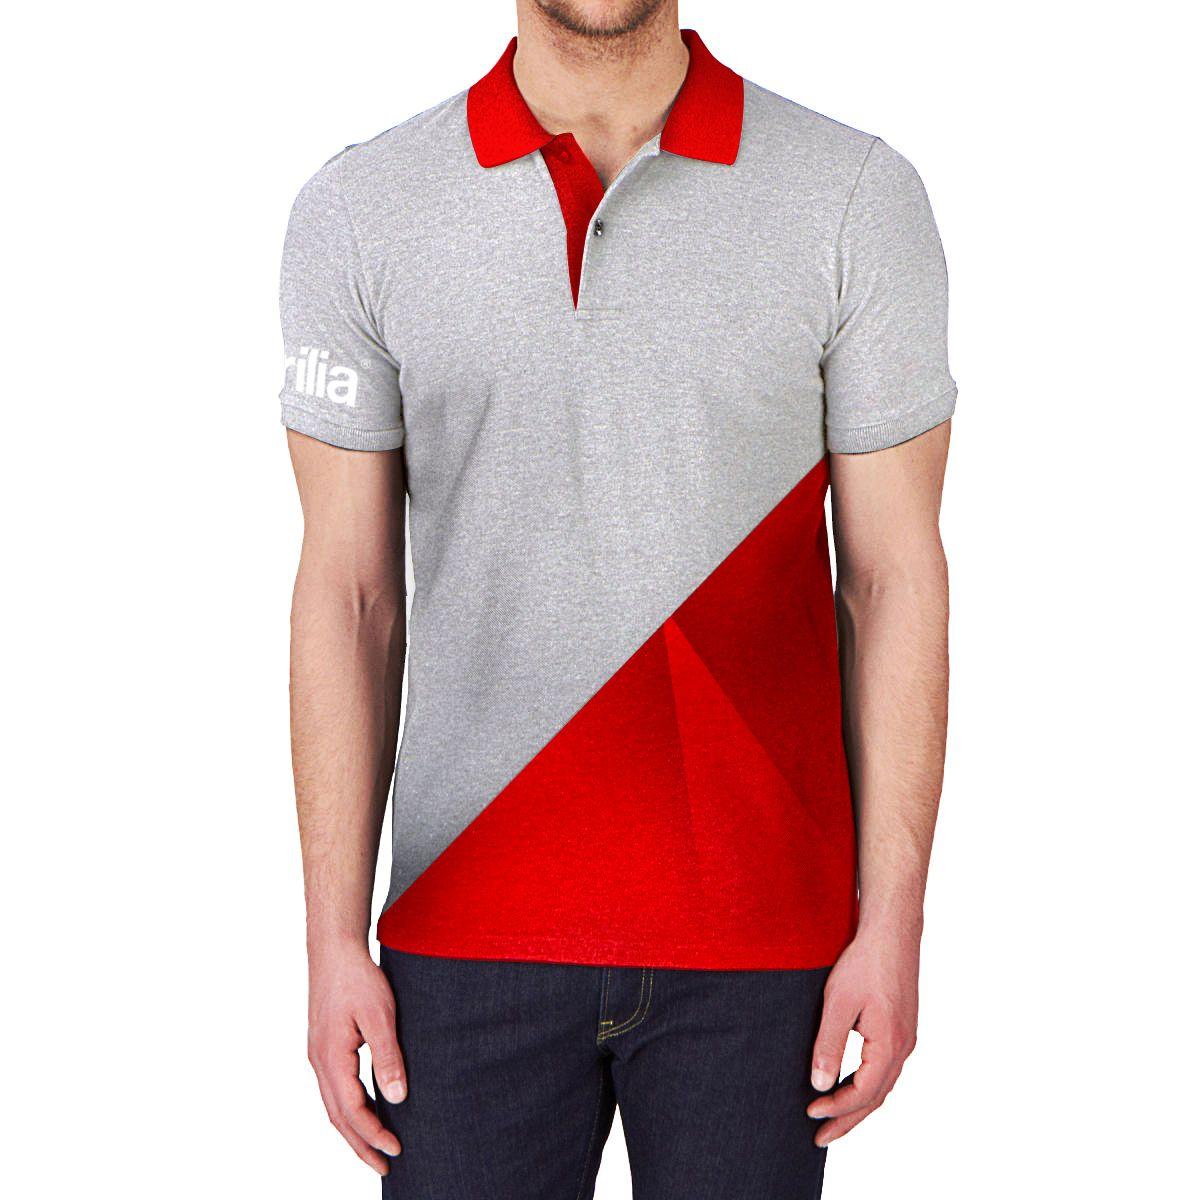 cb130836 Polo T Shirt Creator - DREAMWORKS